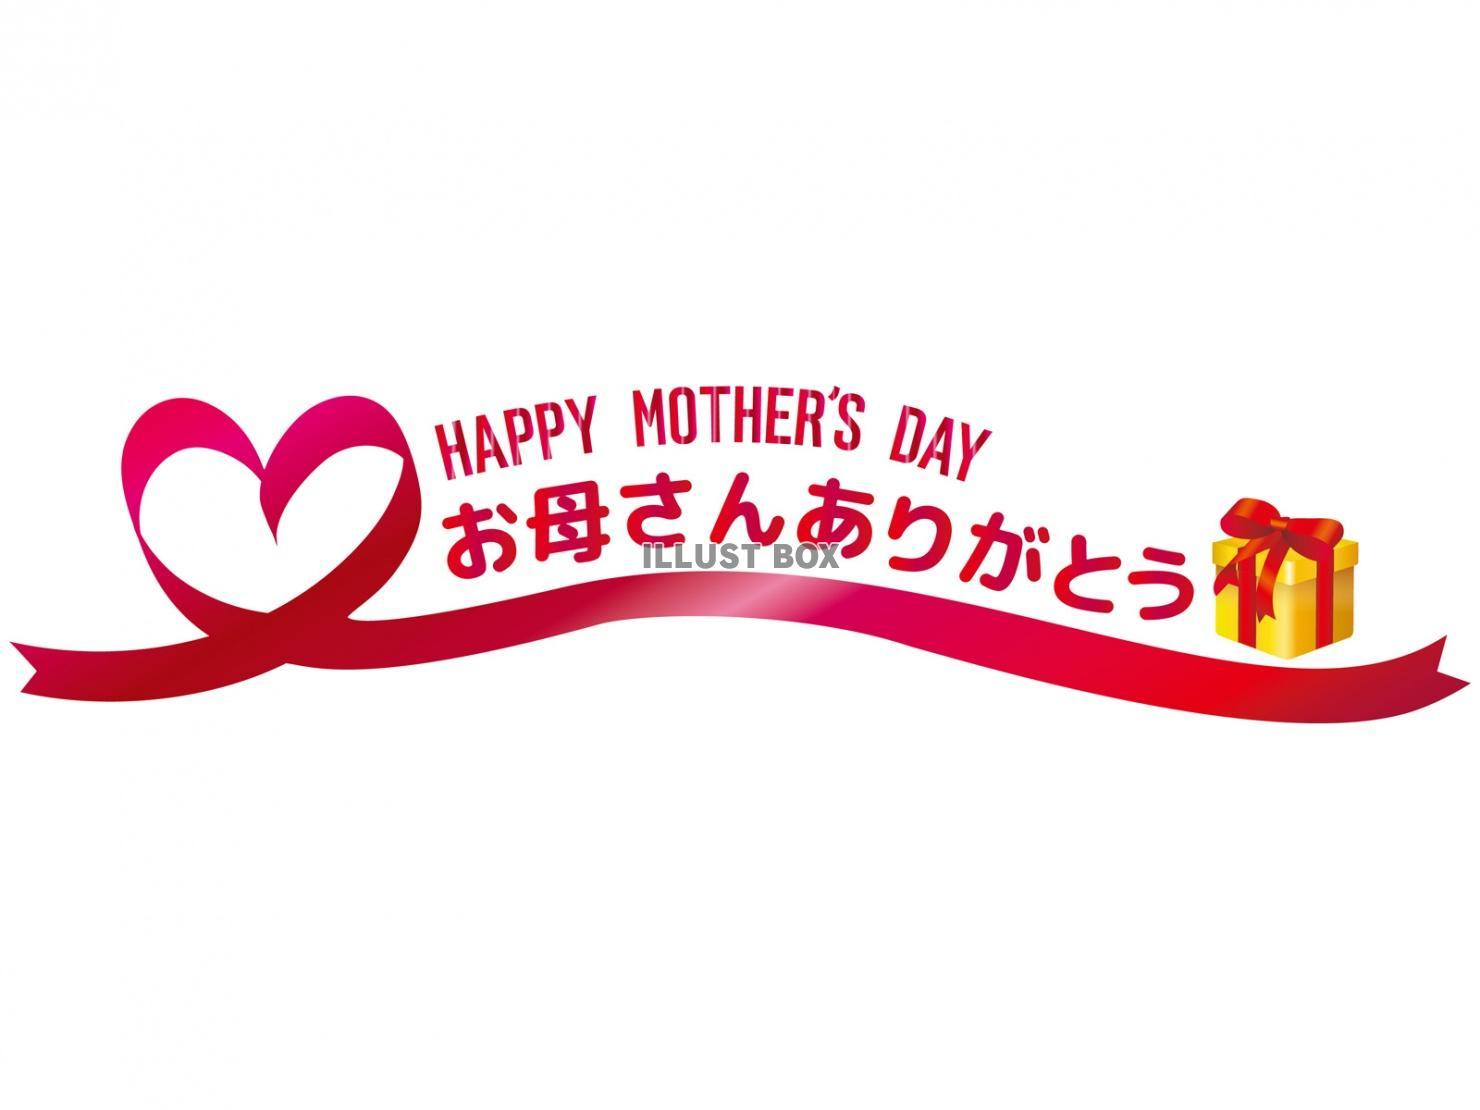 無料イラスト 母の日ラインハートプレゼント感謝ありがとう5月かわいい